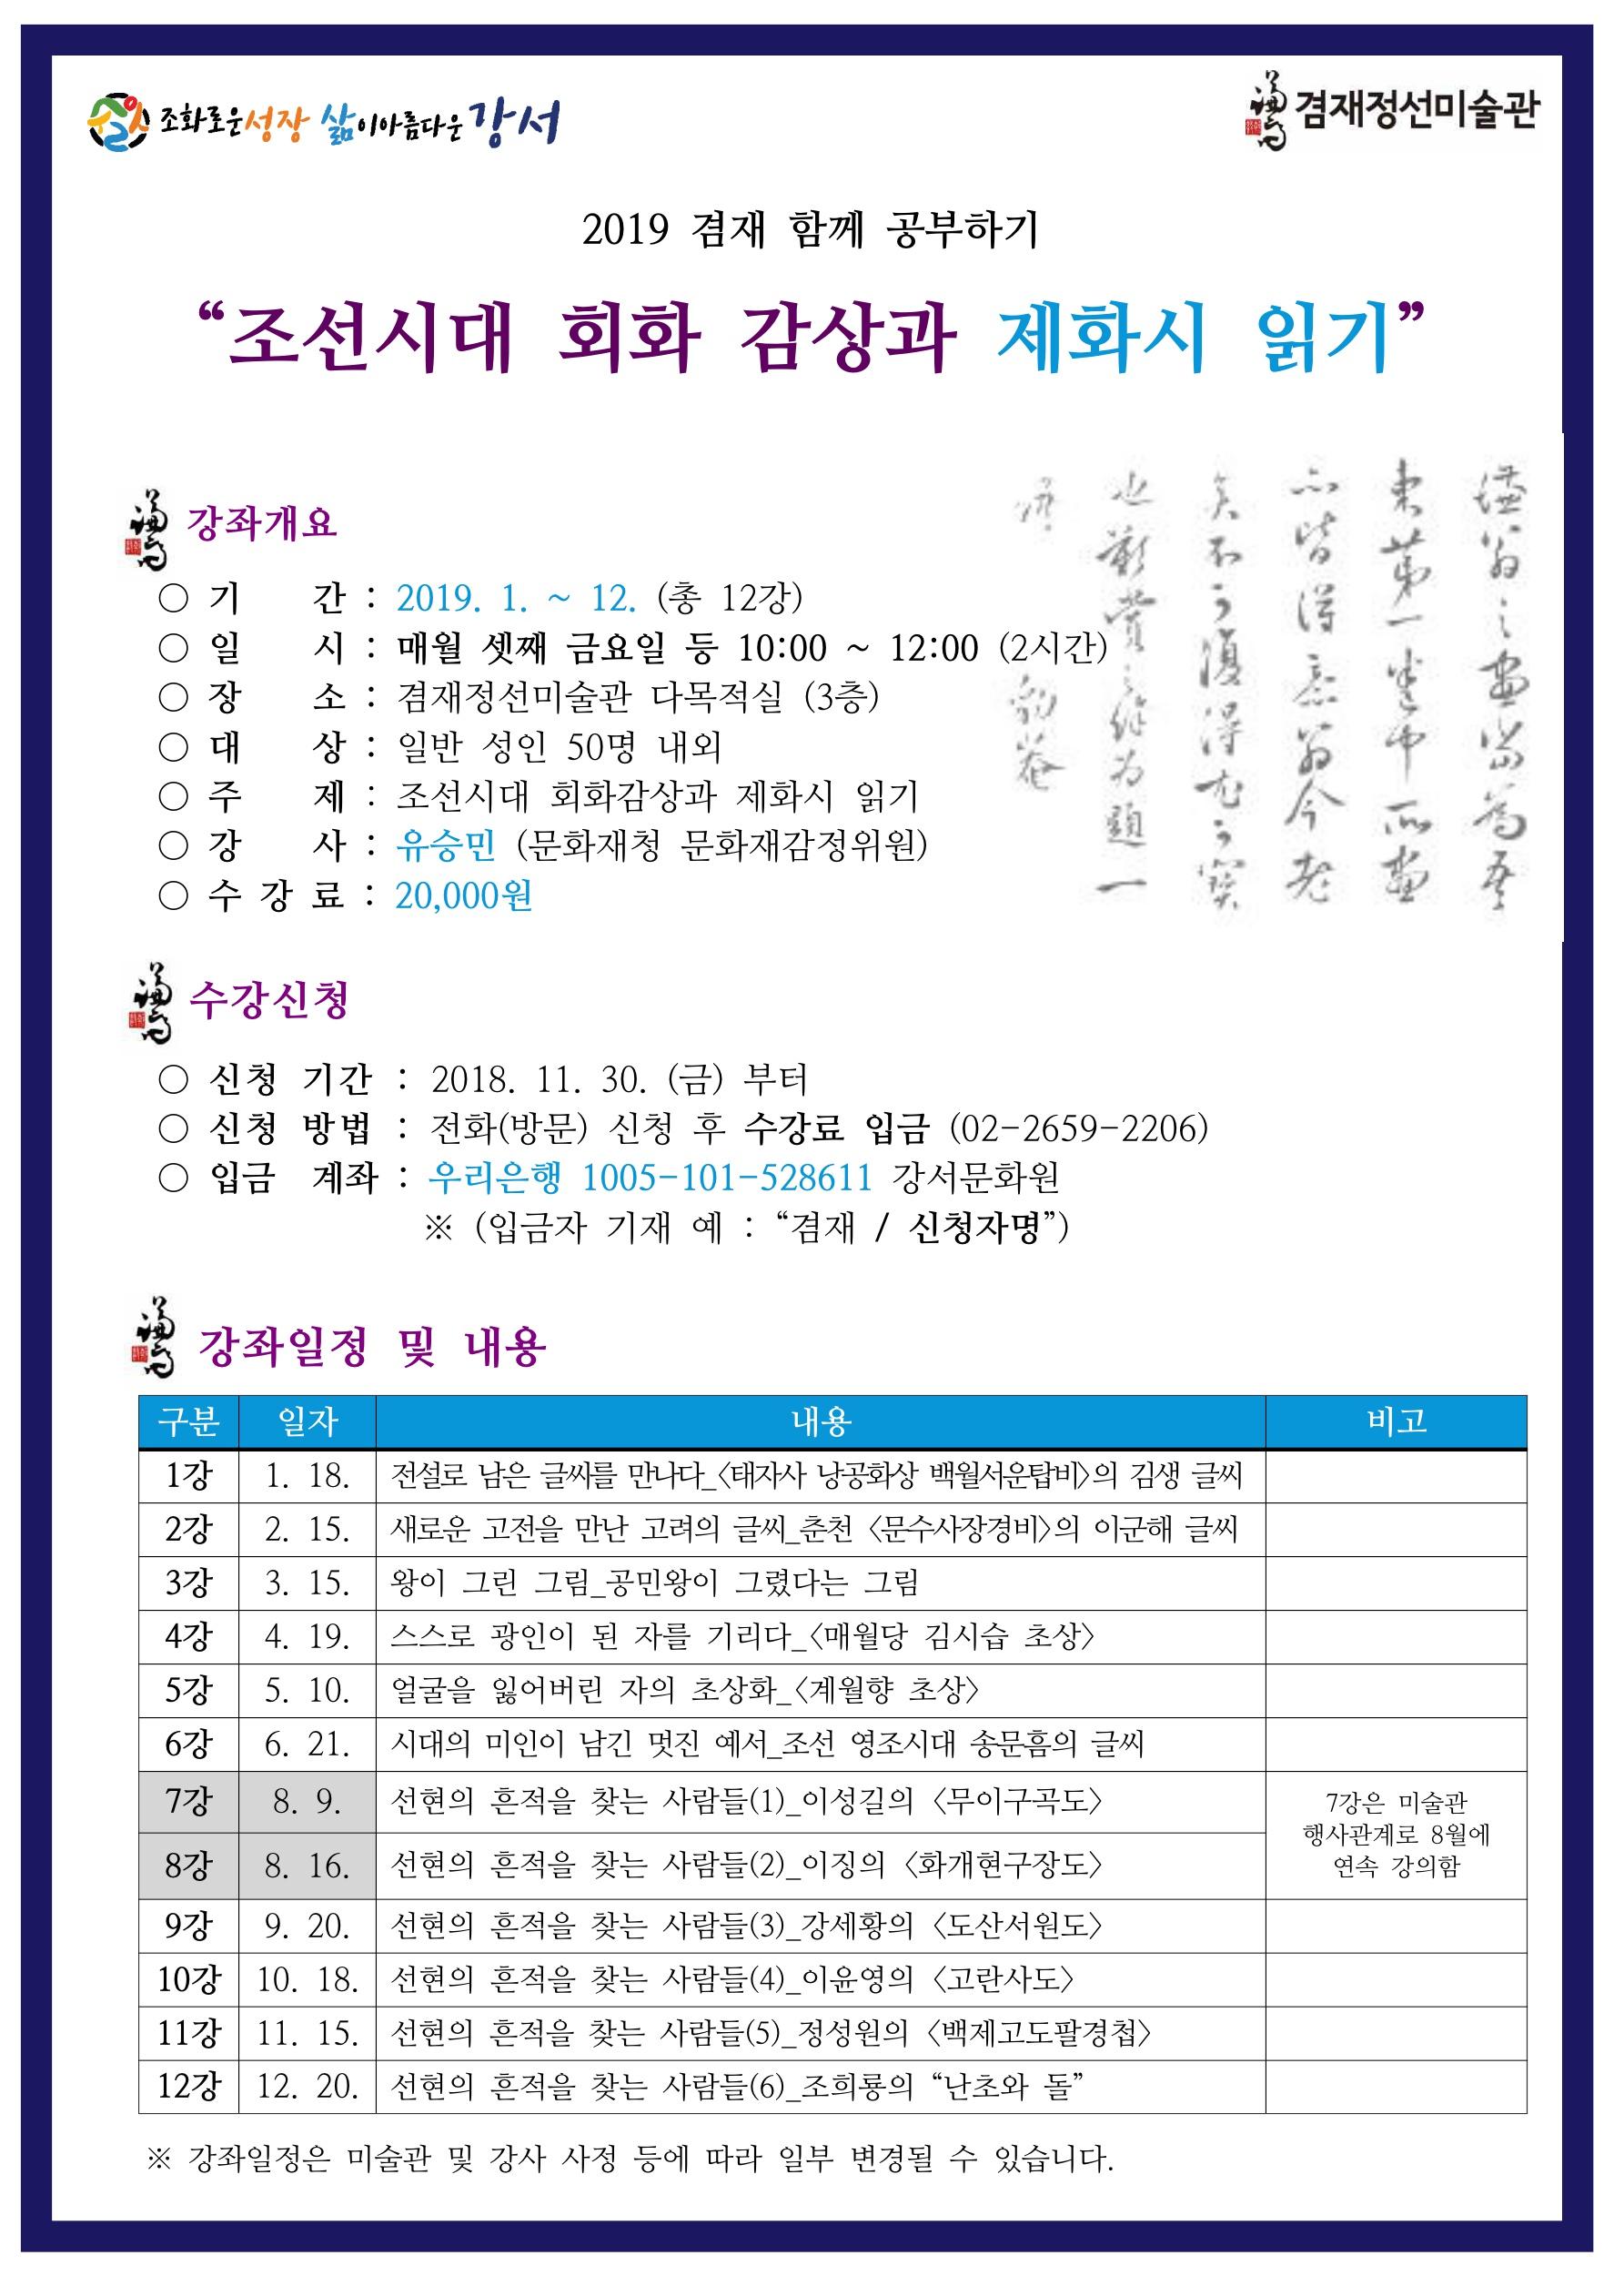 [강좌] 2019 겸재 함께 공부하기 <조선시대 회화 감상과 제화시 읽기> 강좌 안내, 자세한 내용은 첨부파일을 확인해주세요.